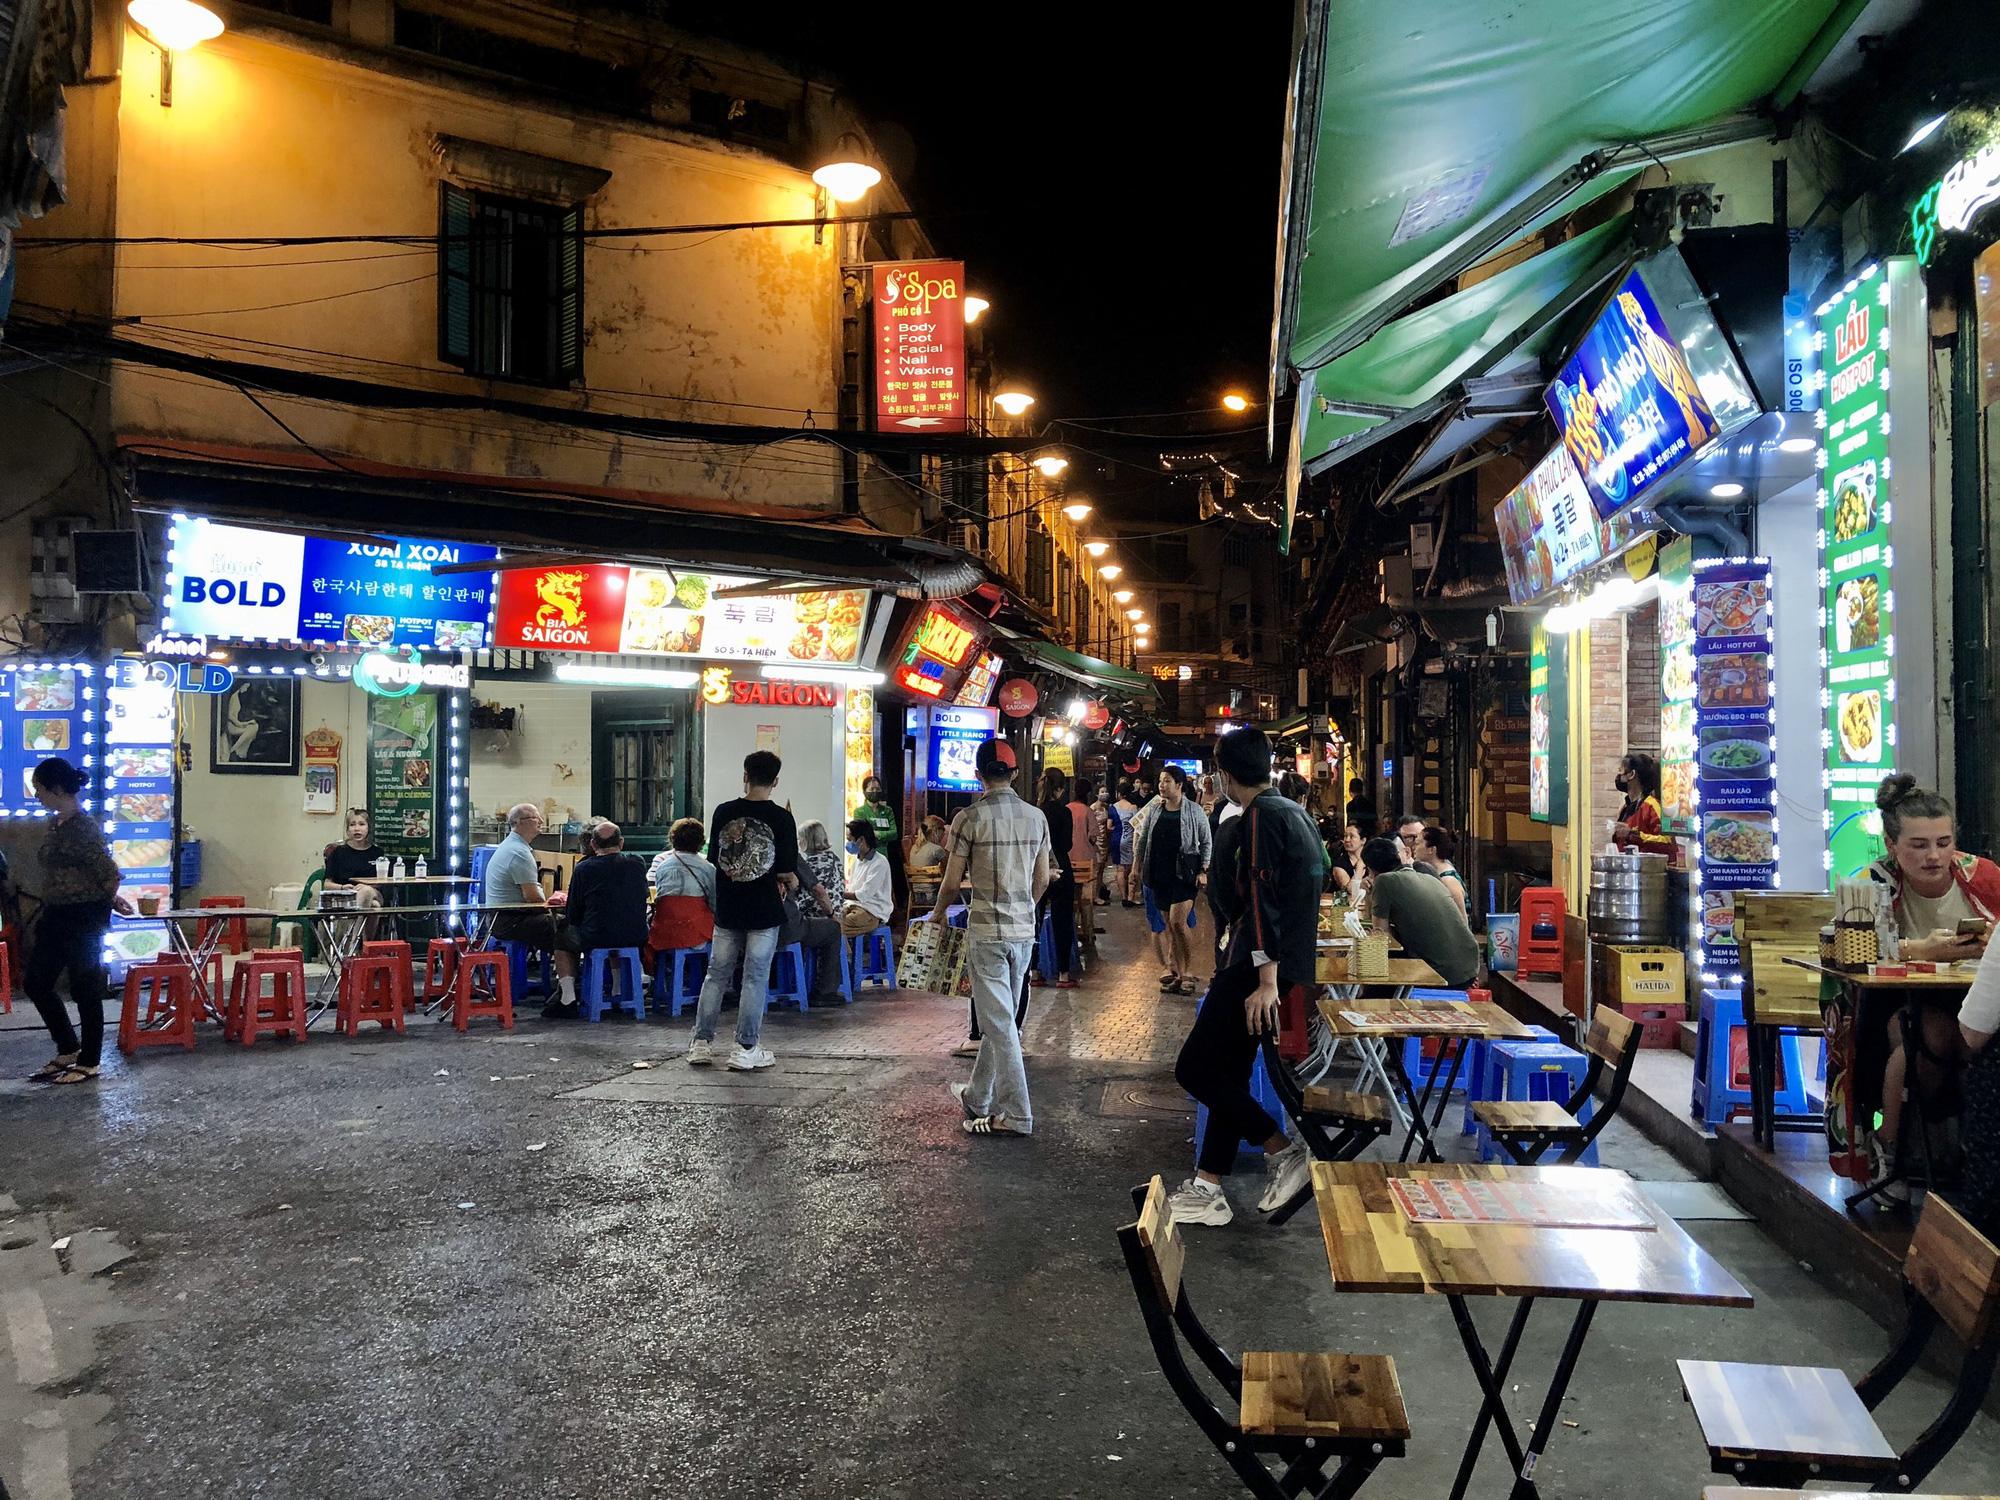 Phố Tạ Hiện vắng khách, các hàng quán ế ẩm giữa mùa dịch corona - Ảnh 6.